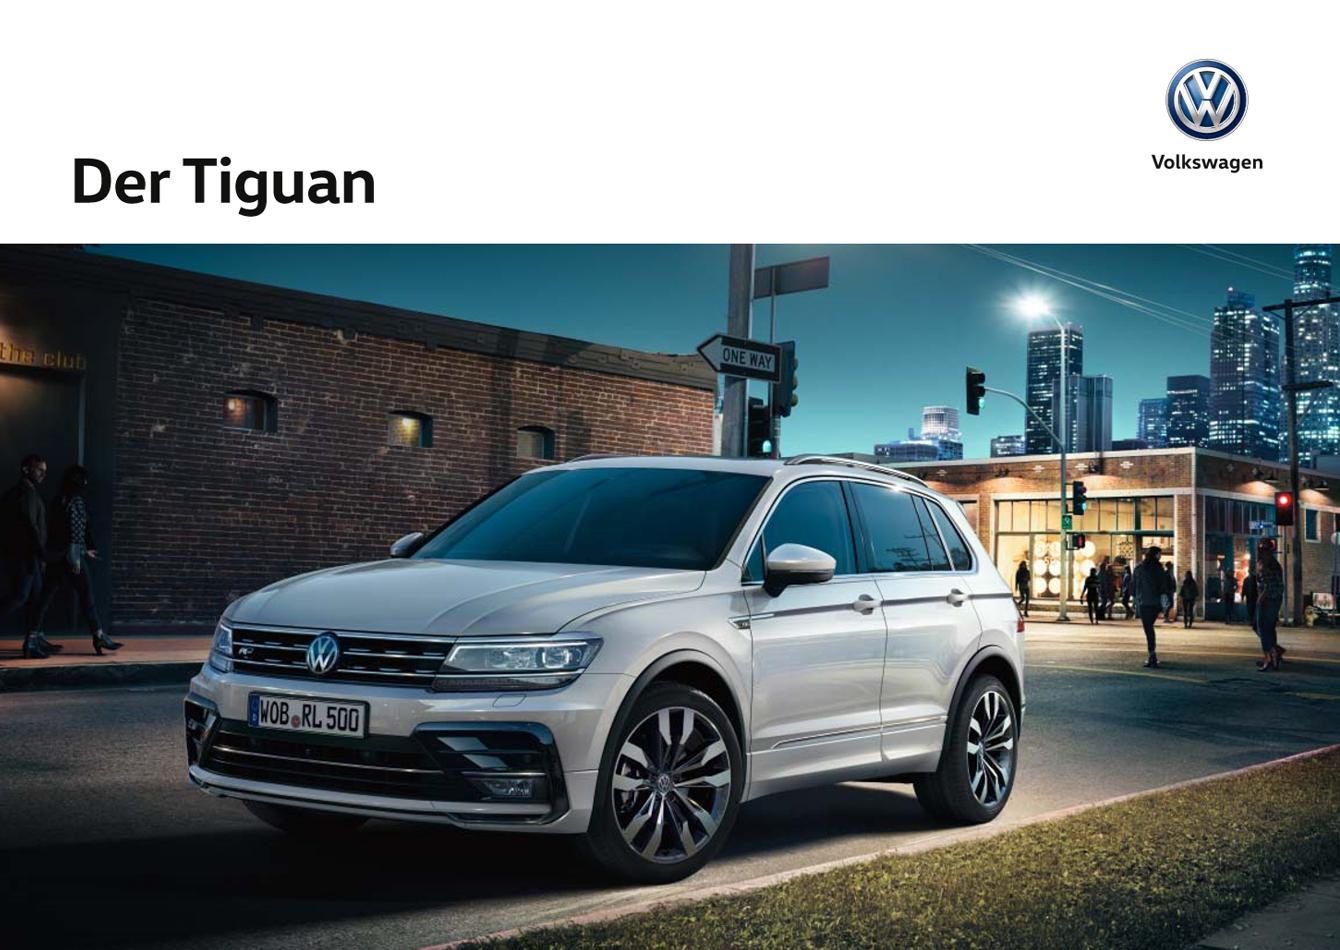 [DE]_VW_Tiguan_AD_brochure_2019.jpg